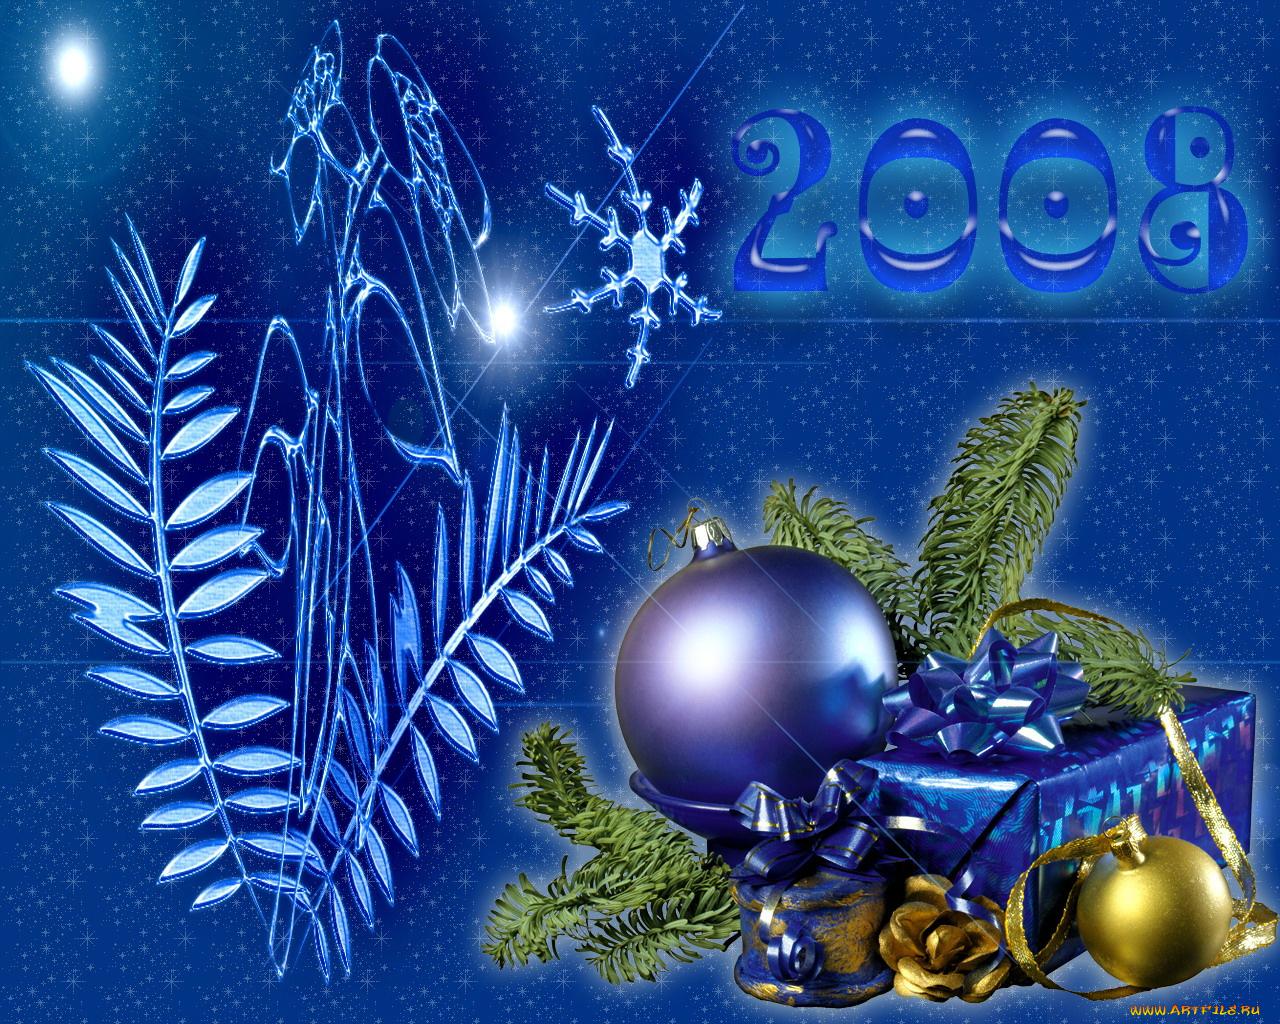 Открытки новогодние 2007 года